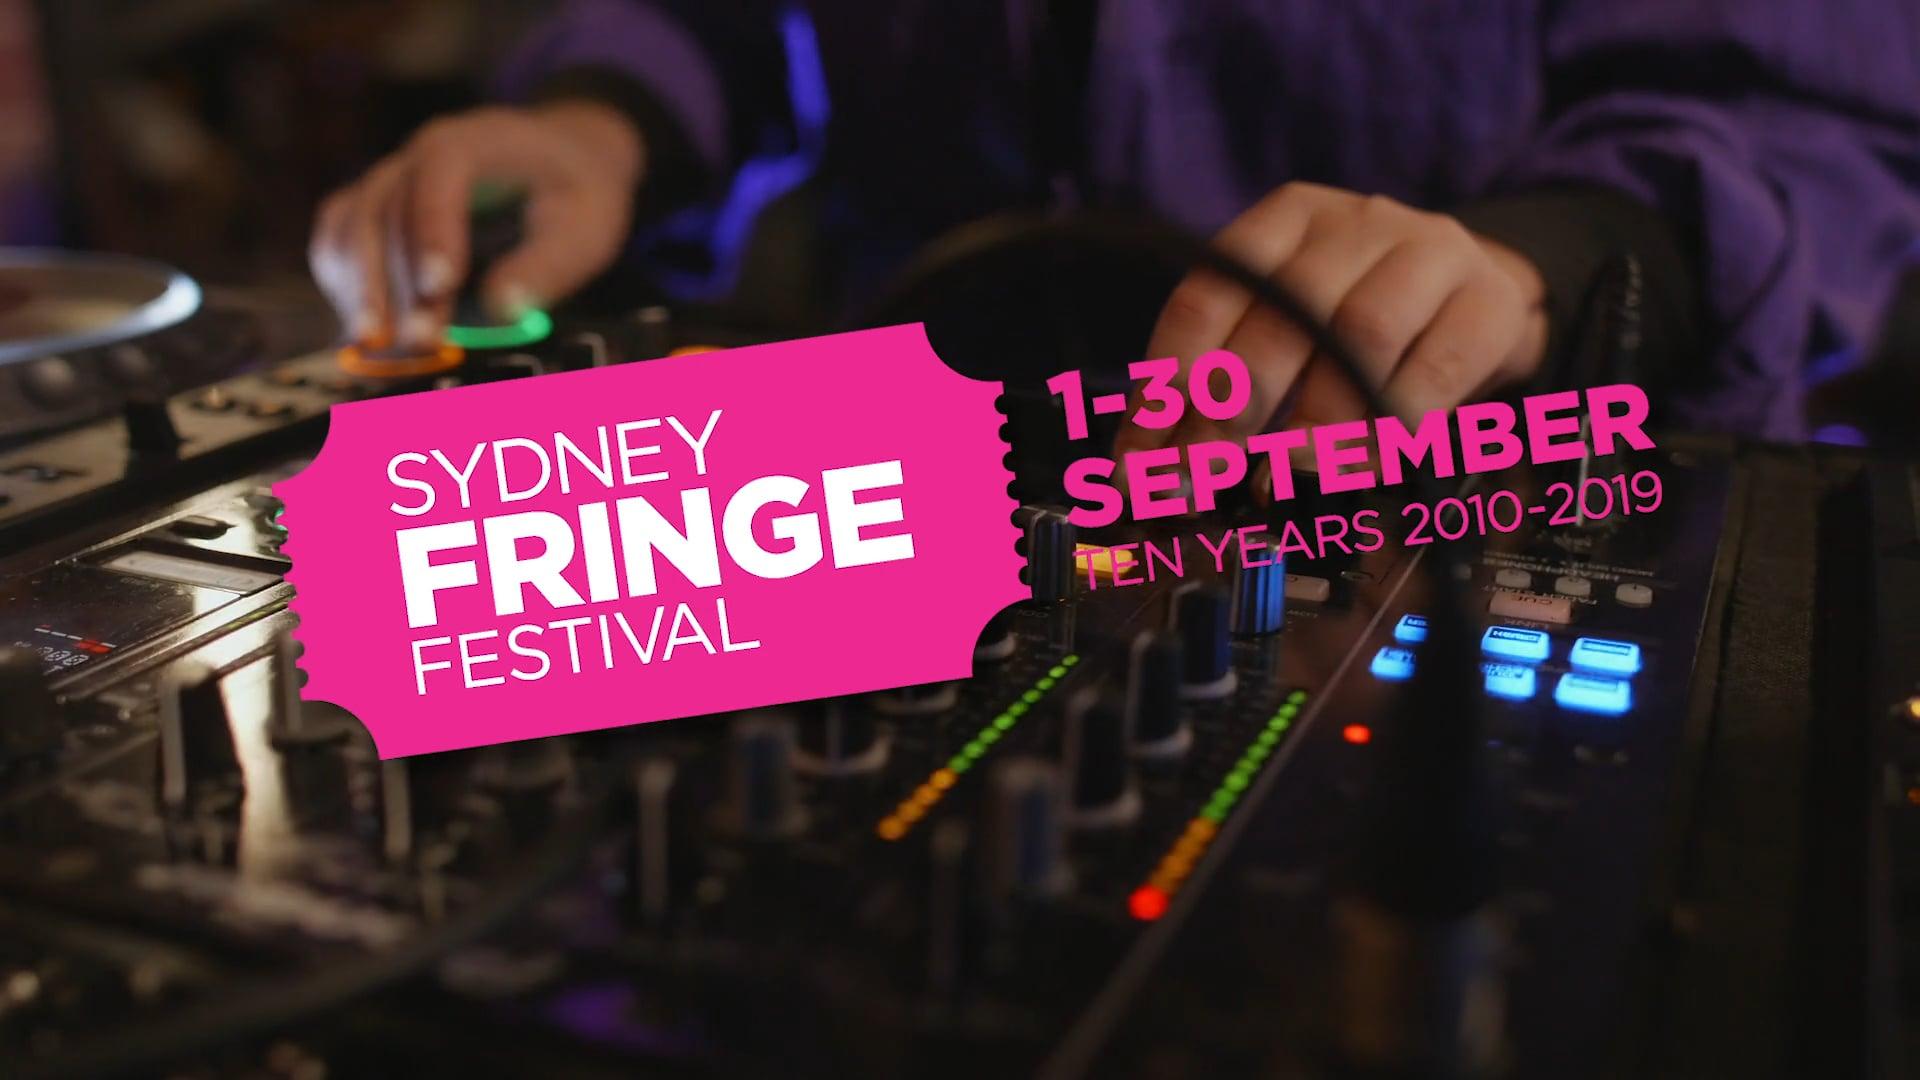 Sydney Fringe 2019